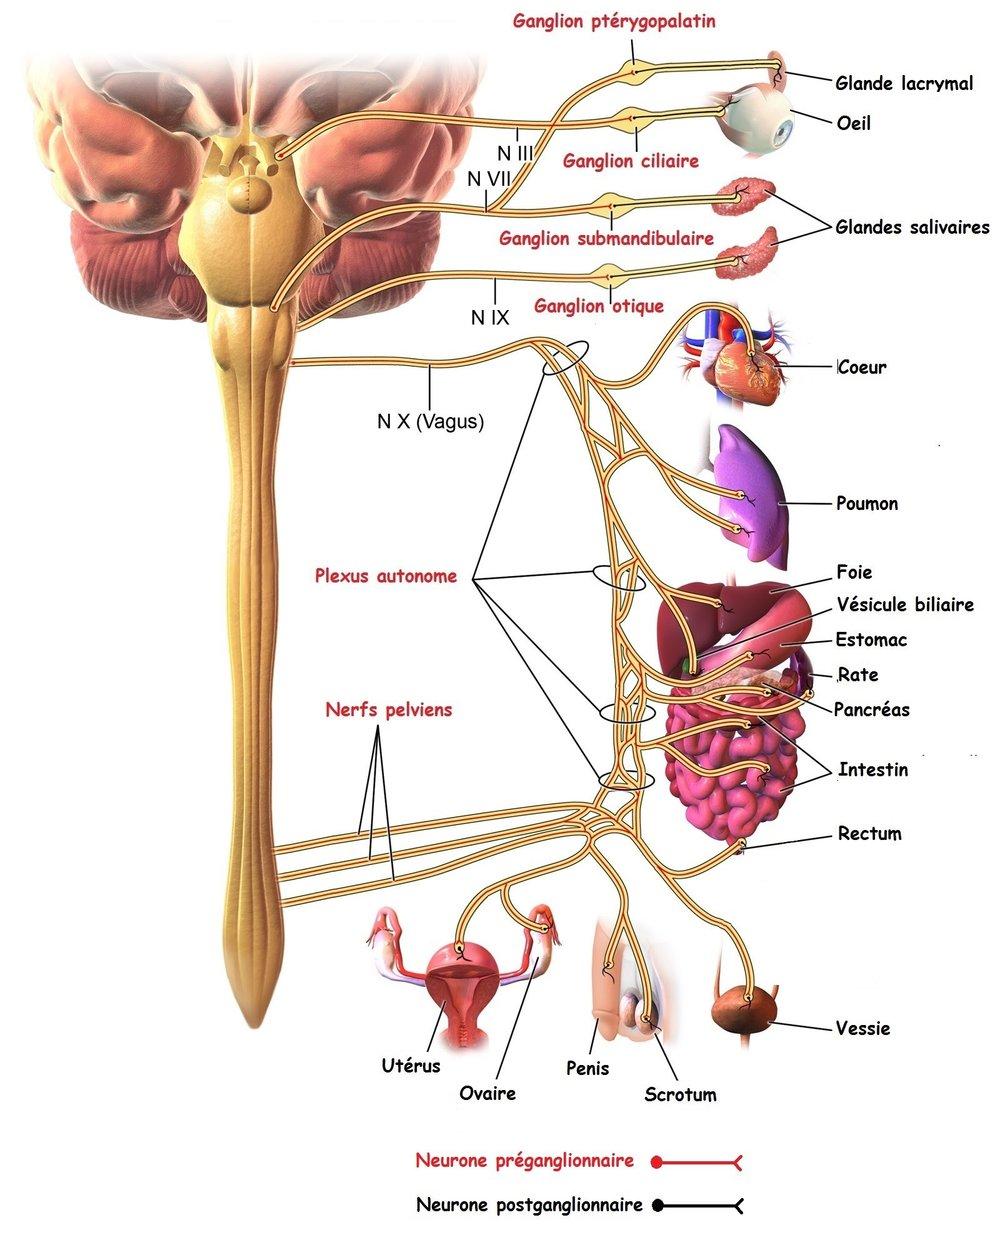 Système nerveux parasympathique   ☞  A  ssure l'entretien courant de l'organisme (maintien de l'homéostasie).   ☞   Les ganglions sont situés près ou dans les viscères : le 1er neurone est long alors que le 2ème est très court.   ☞   3   territoires :    - Le territoire céphalique : les fibres   préganglionnaires  .   -  Le territoire cervico-thoraco-abdominal innervé par le nerf vague (ou pneumogastrique ou   X  ) Seul le nerf X assure l  '  innervation des organes thoraciques et abdominaux. Il forme l  '  équivalent pour le parasympathique de la chaîne des ganglions sympathiques pour l  '  orthosympathique.   -Le territoire pelvien : les fibres parasympathiques       o  le contingent supérieur innerve la vessie, l  '  utérus, le rectum et le colon.      o  Le contingent inférieur innerve les organes génitaux externes.